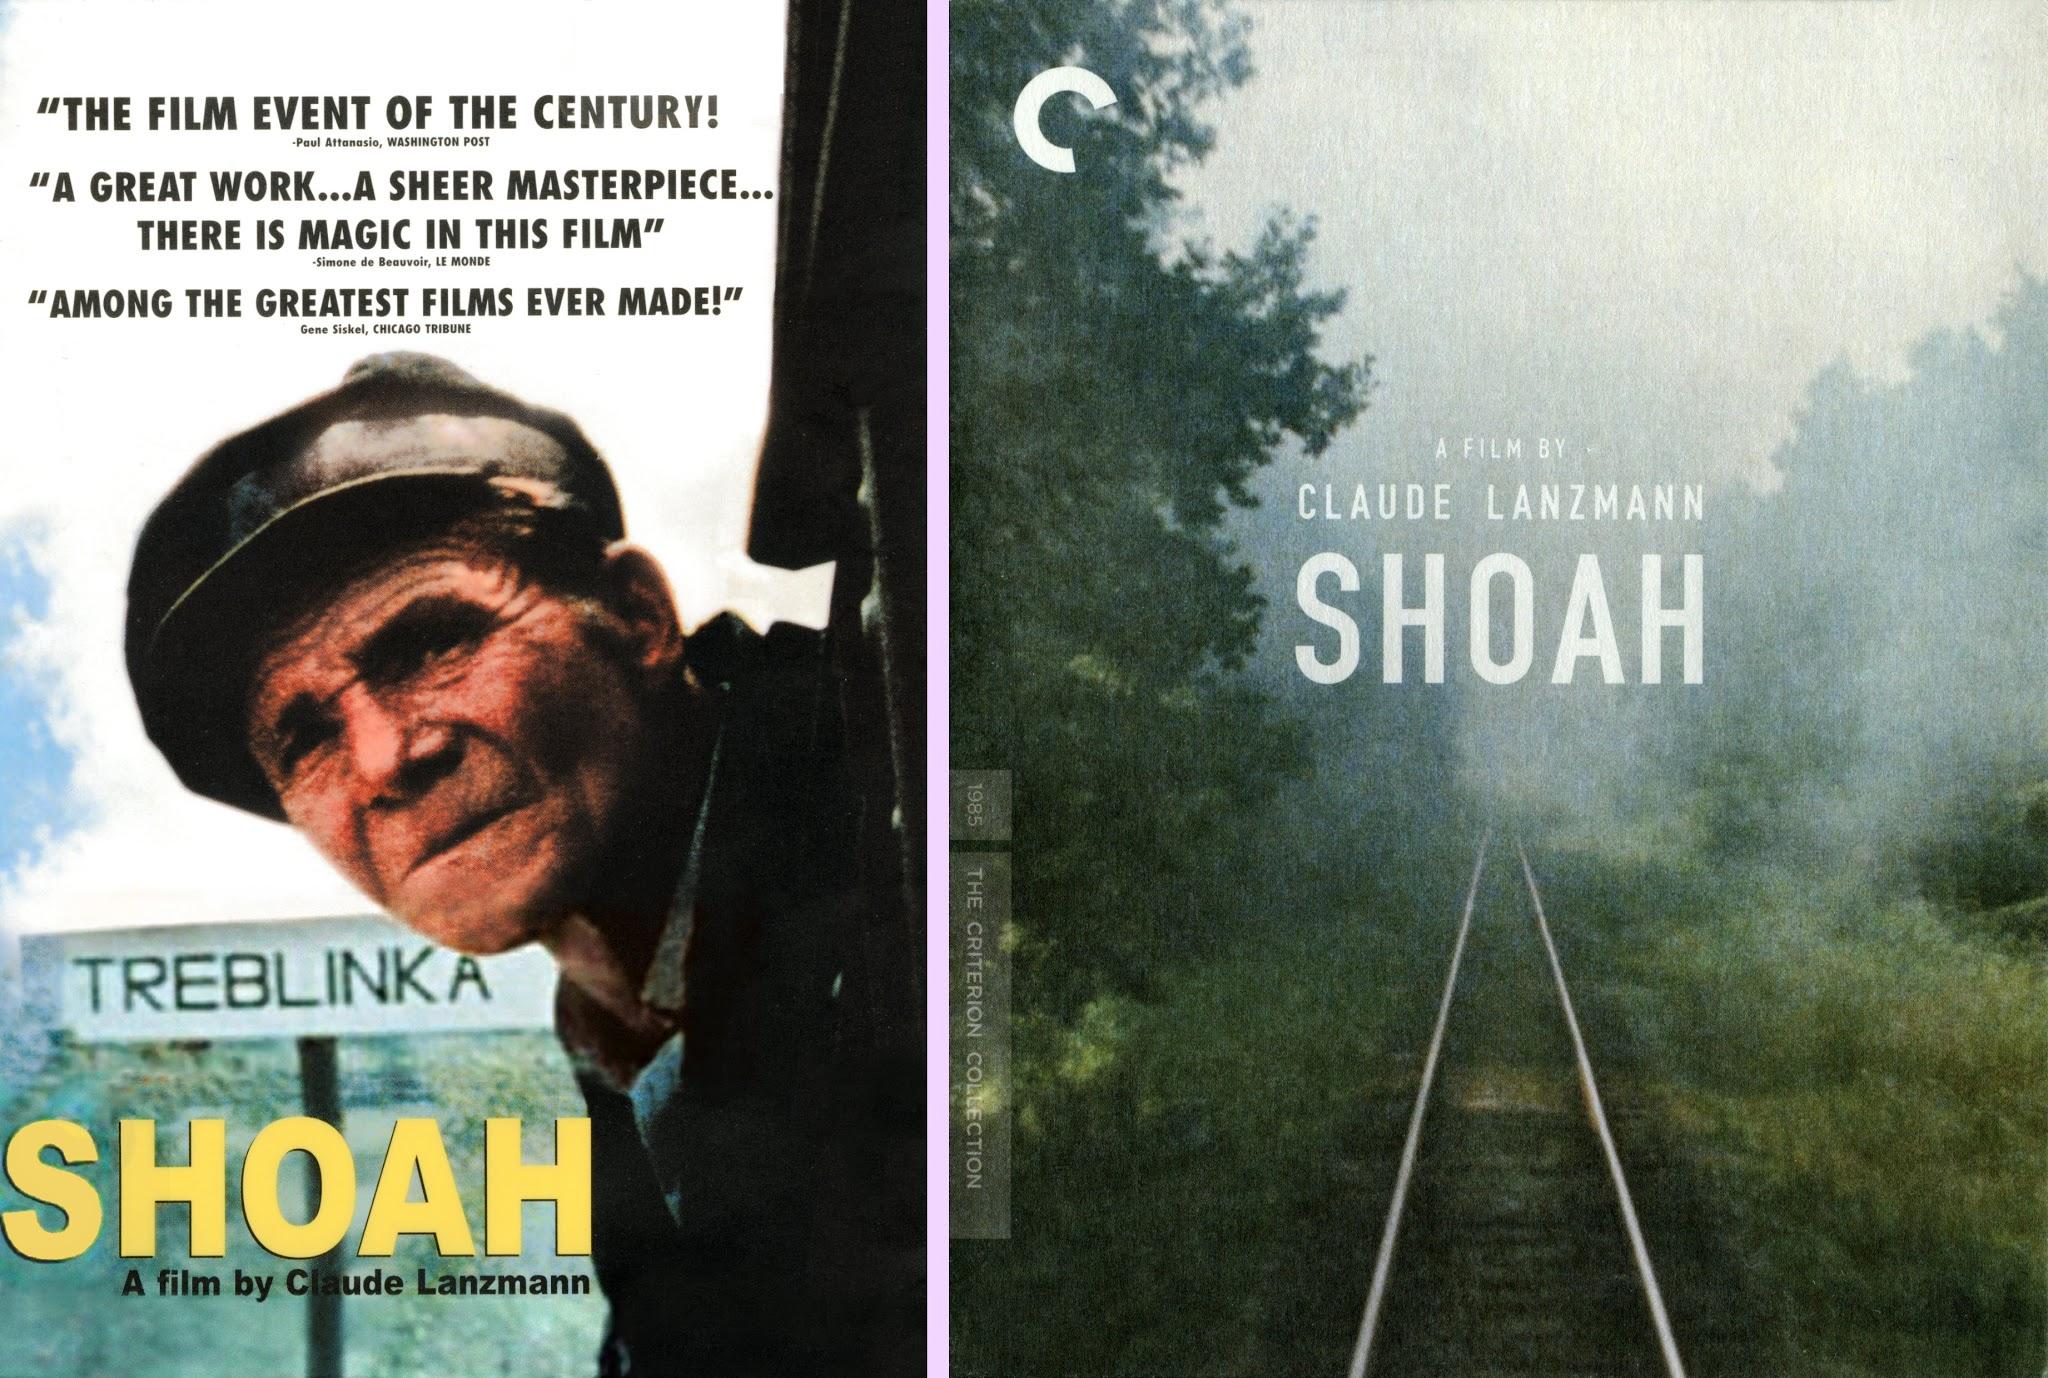 Morre Claude Lanzmann, o director de 'Shoah'